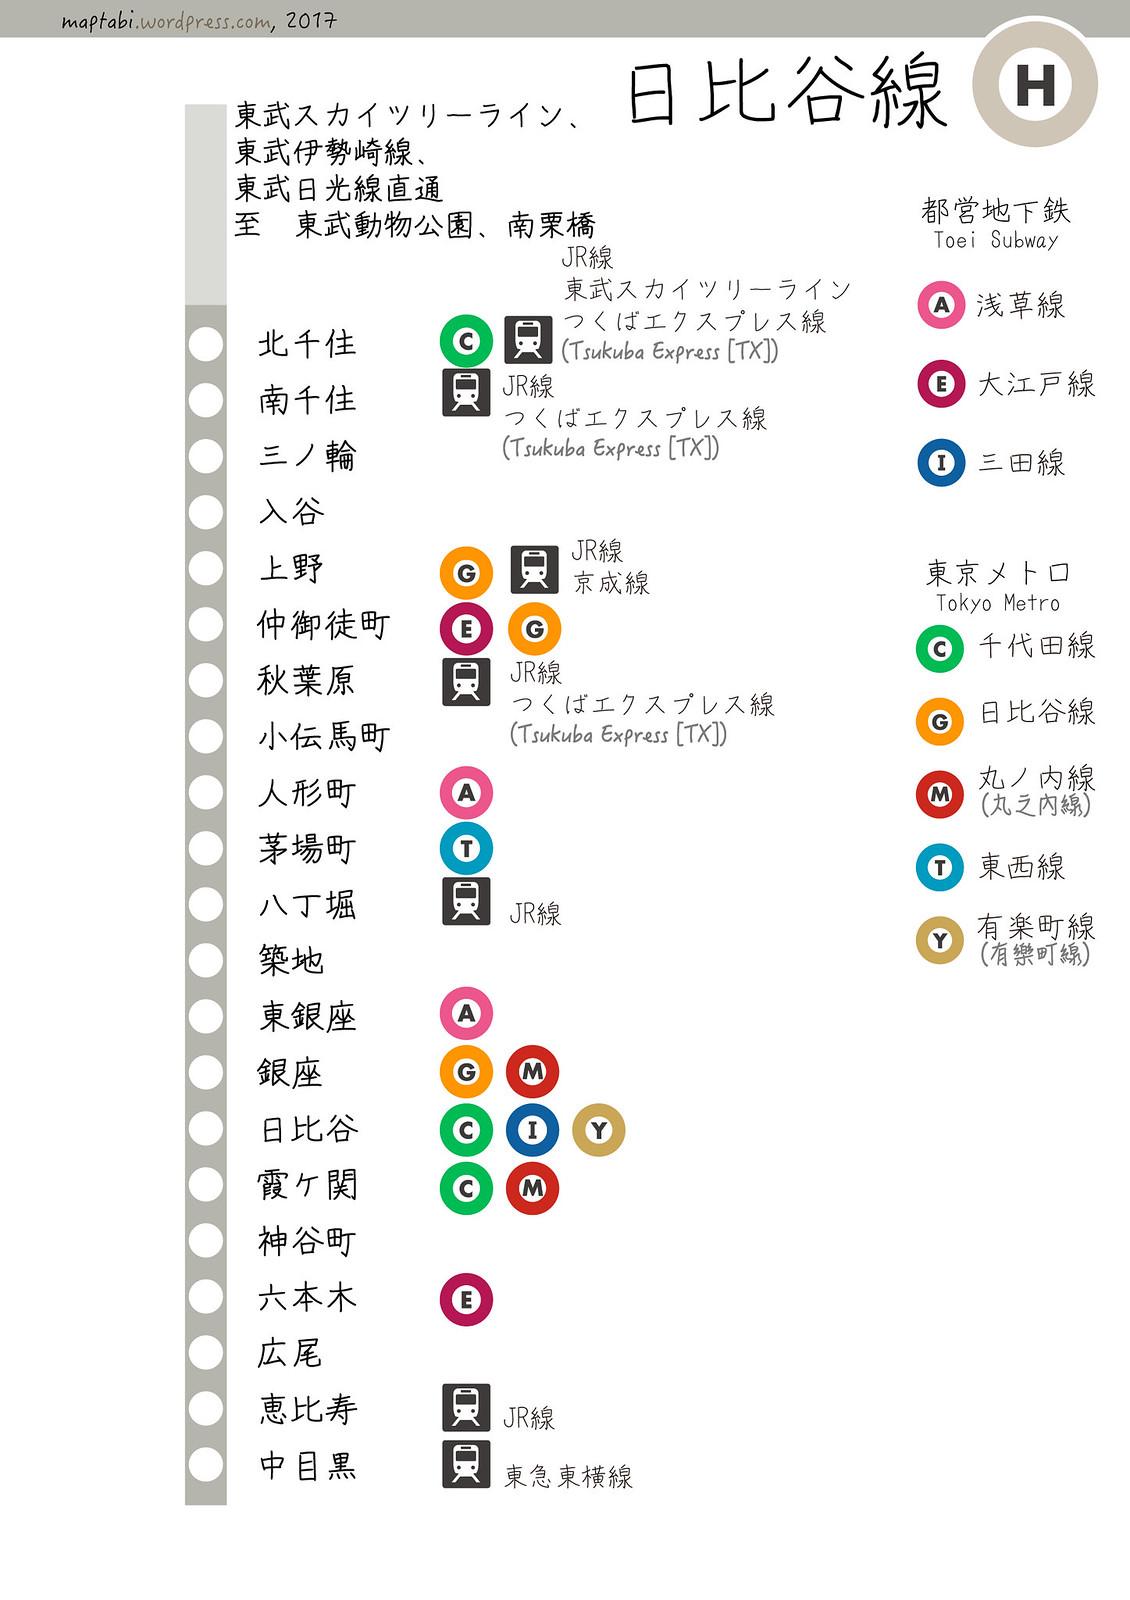 metro_hibiya_line_detail